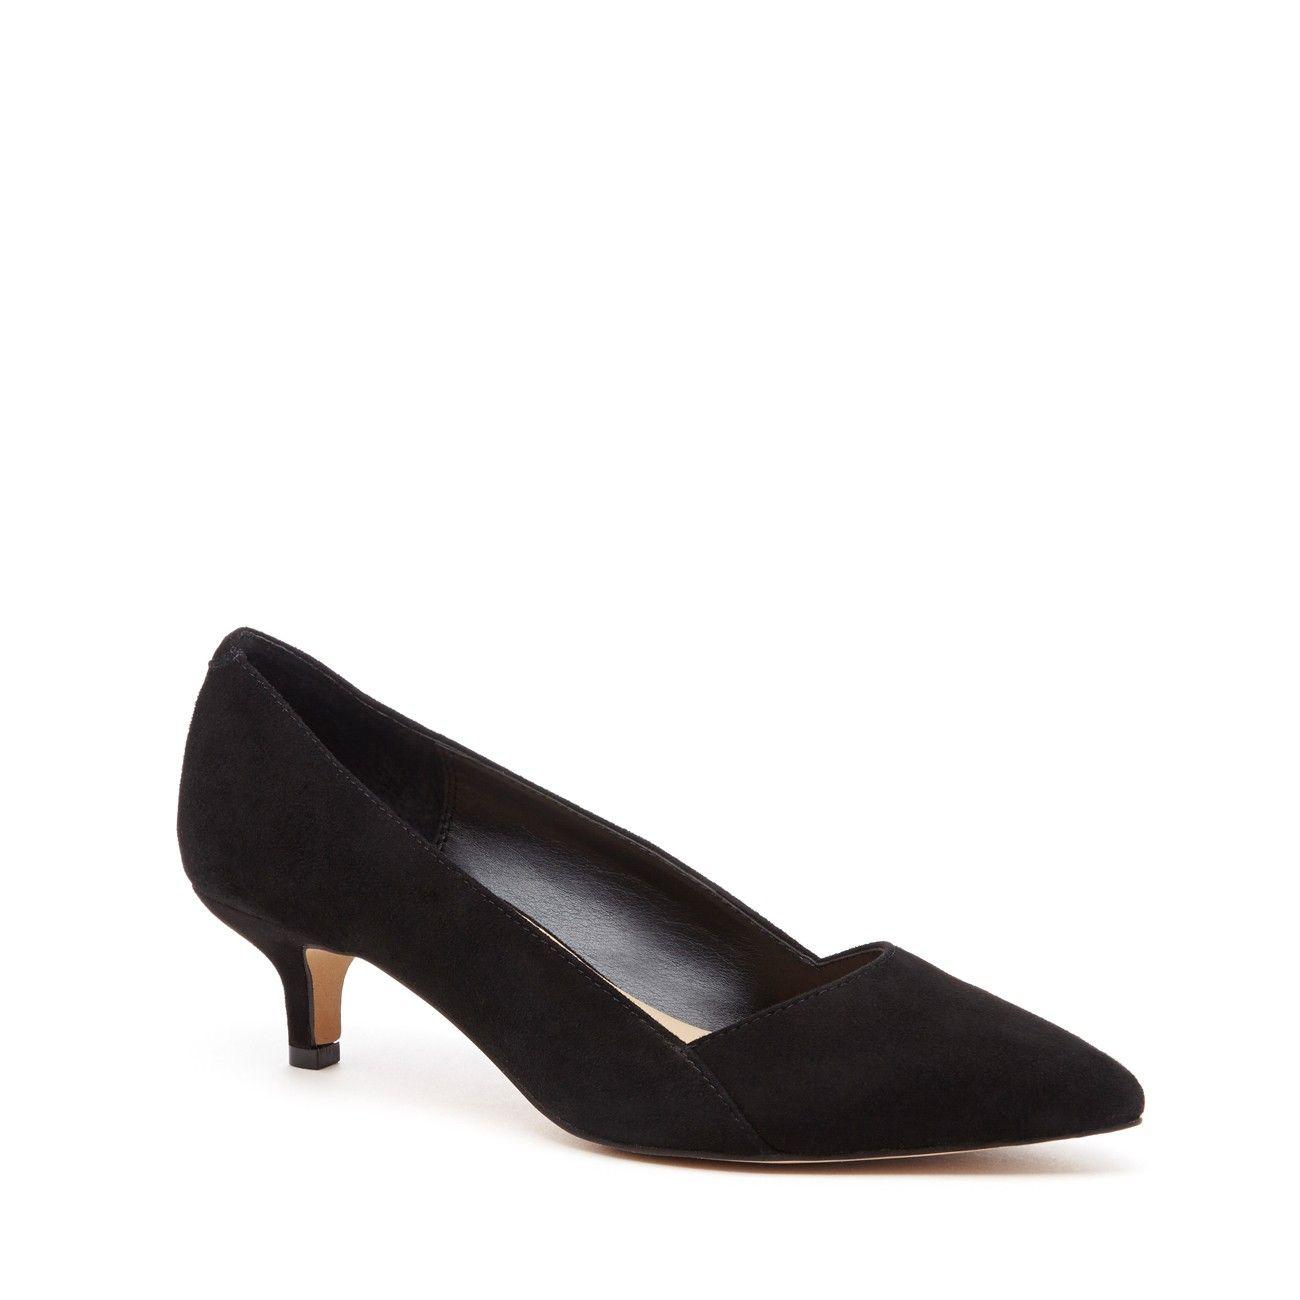 Women's Black Suede 1 3/4 Inch Kitten Heel Pump | Desi by Sole ...